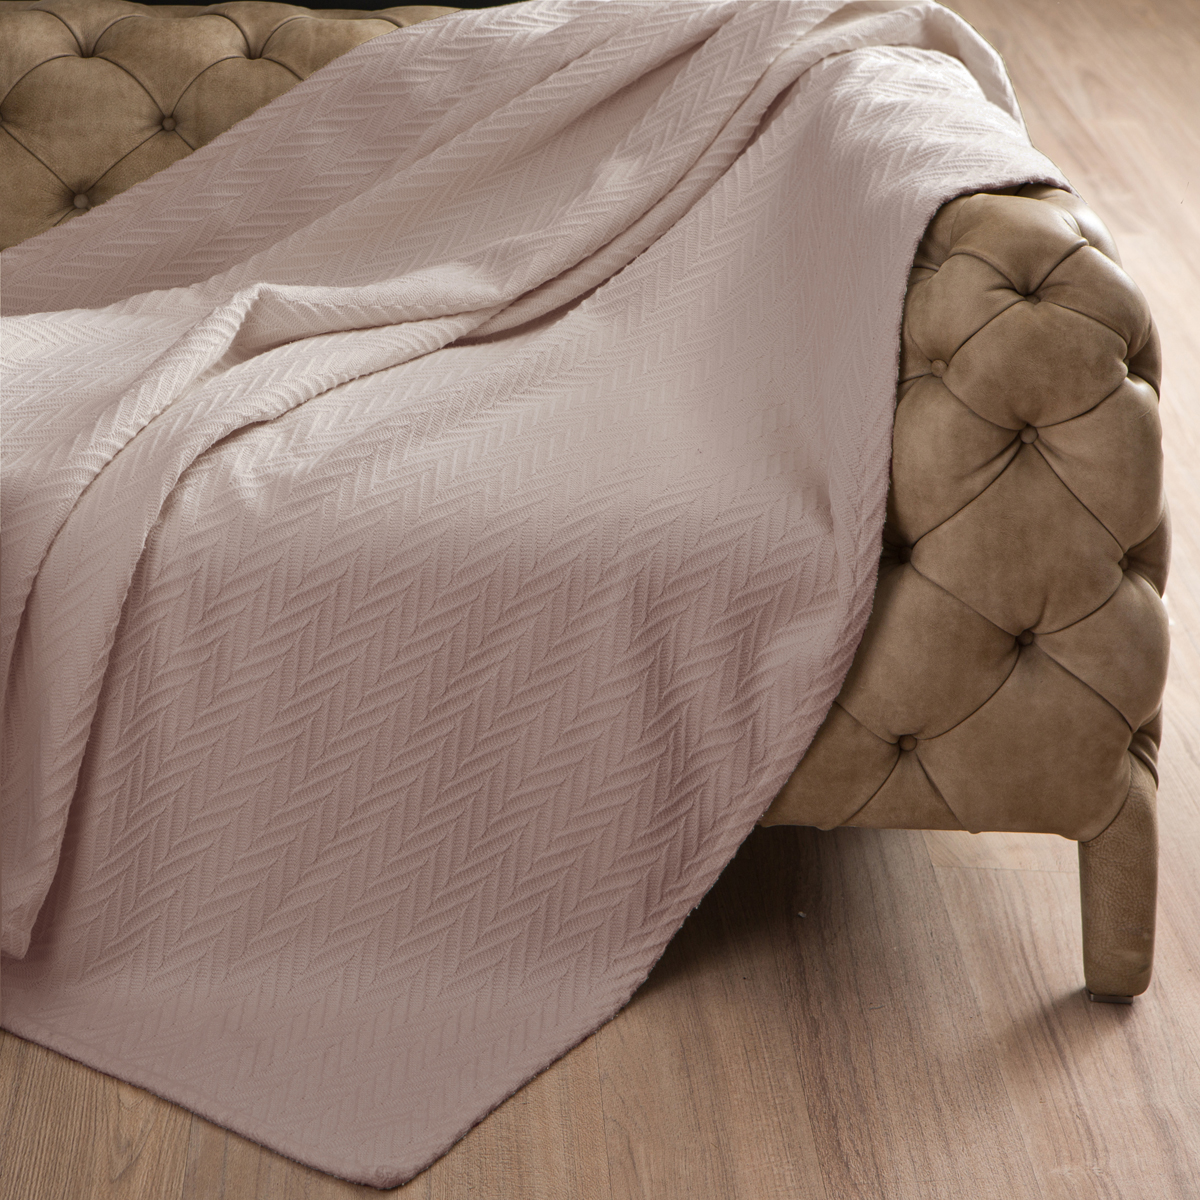 Покрывало Arloni Энджел, цвет: бежевый, 220 х 240 см2046.12Покрывало Arloni Энджел объемной вязки прекрасно оформит интерьер гостиной или спальни. Изготовлено из экологически чистого материала - 100% хлопка. Обработка края - подгиб. Покрывало Arloni не только подарит тепло, но и гармонично впишется в интерьер вашего дома.